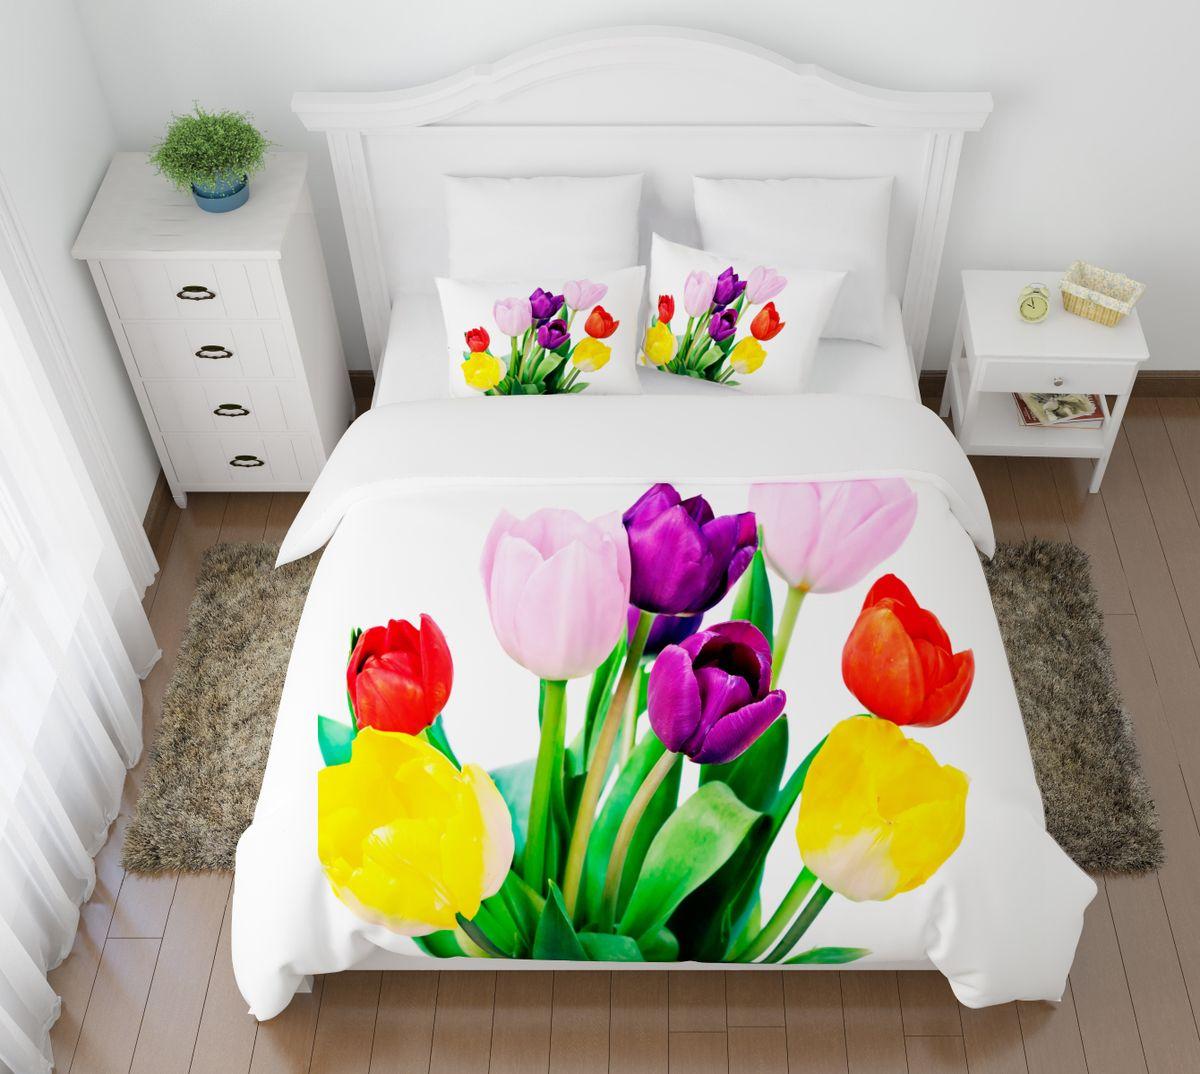 Комплект белья Сирень Весенние цветы, семейный, наволочки 50х70, 70х7008497-КПБС-МКомплект постельного белья Сирень выполнен из прочной и мягкой ткани. Четкий и стильный рисунок в сочетании с насыщенными красками делают комплект постельного белья неповторимой изюминкой любого интерьера.Постельное белье идеально подойдет для подарка. Идеальное соотношение смешенной ткани и гипоаллергенных красок - это гарантия здорового, спокойного сна. Ткань хорошо впитывает влагу, надолго сохраняет яркость красок.В комплект входят: простынь, 2 пододеяльника, четыре наволочки. Постельное белье легко стирать при 30-40°С, гладить при 150°С, не отбеливать. Рекомендуется перед первым использованием постирать.УВАЖАЕМЫЕ КЛИЕНТЫ! Обращаем ваше внимание, что цвет простыни, пододеяльника, наволочки в комплектации может немного отличаться от представленного на фото.